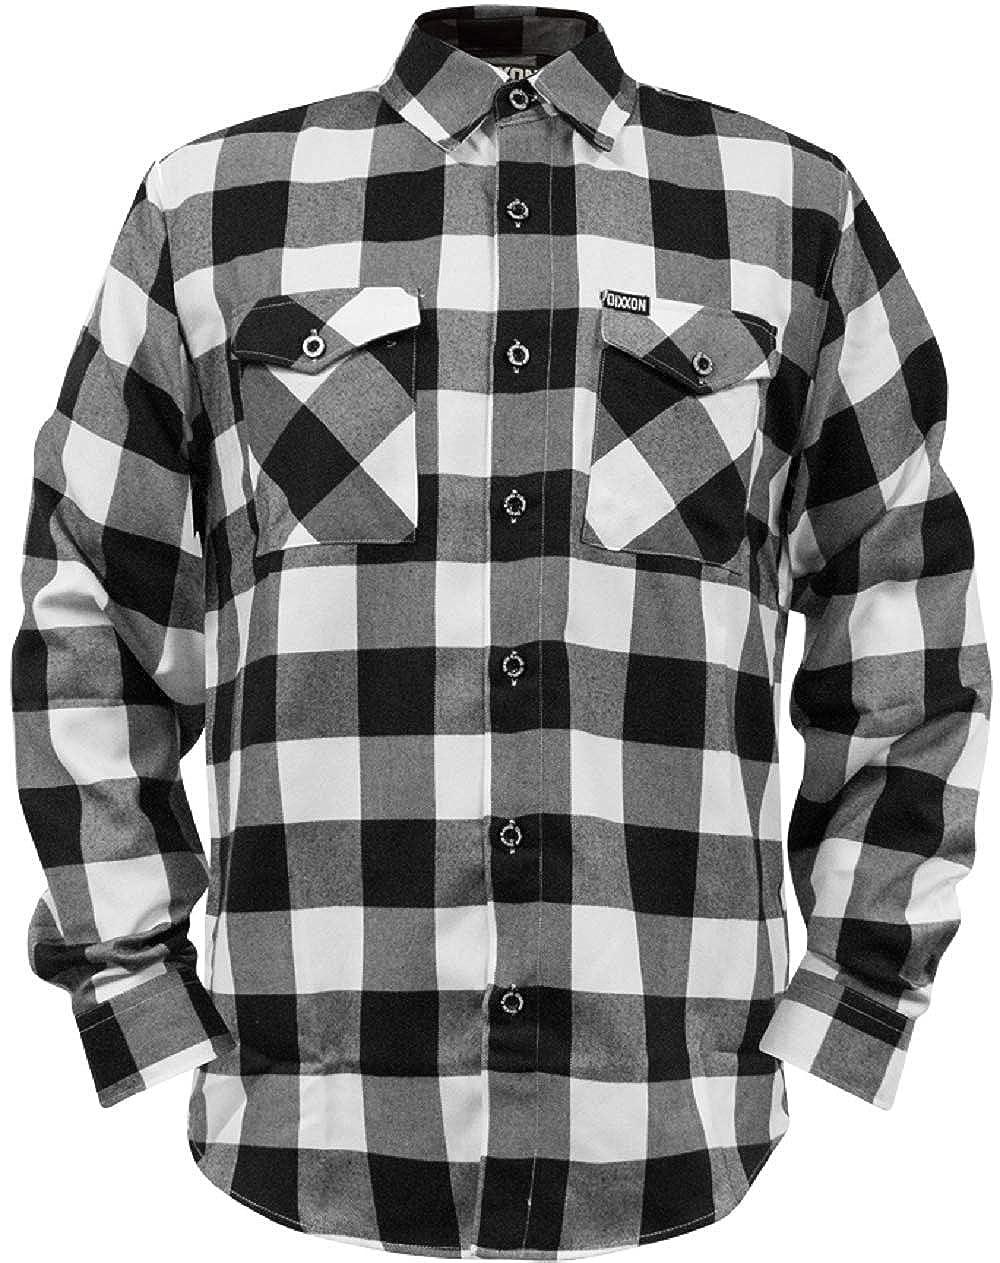 Gringo Docs Motorcycle Parts DIXXON Flannel Shirt